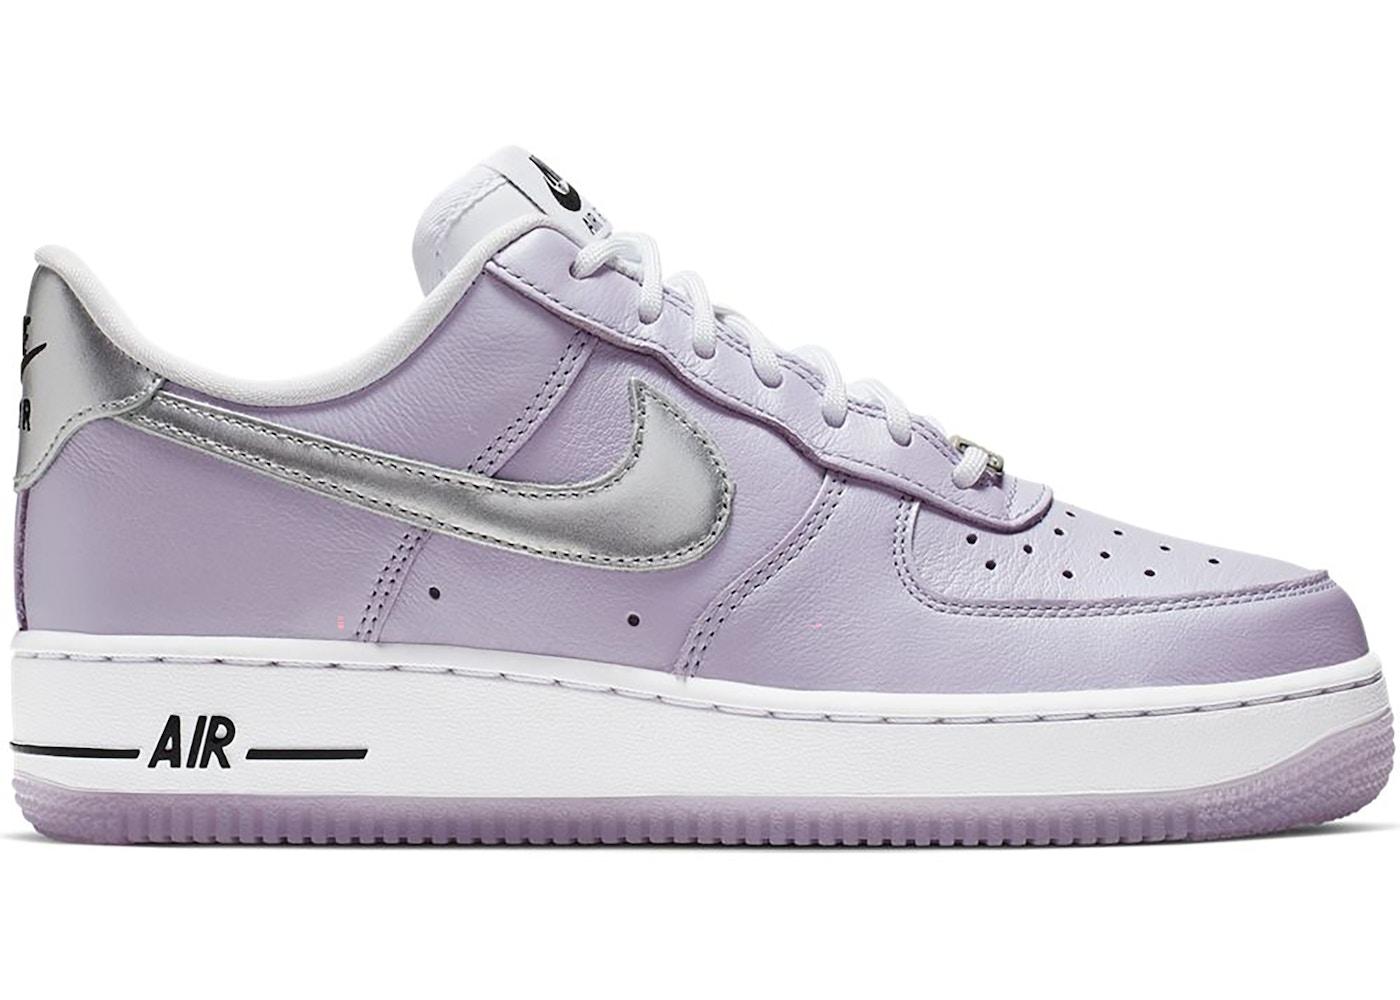 Nike Air Force 1 Low Oxygen Purple (W) - CI9912-500